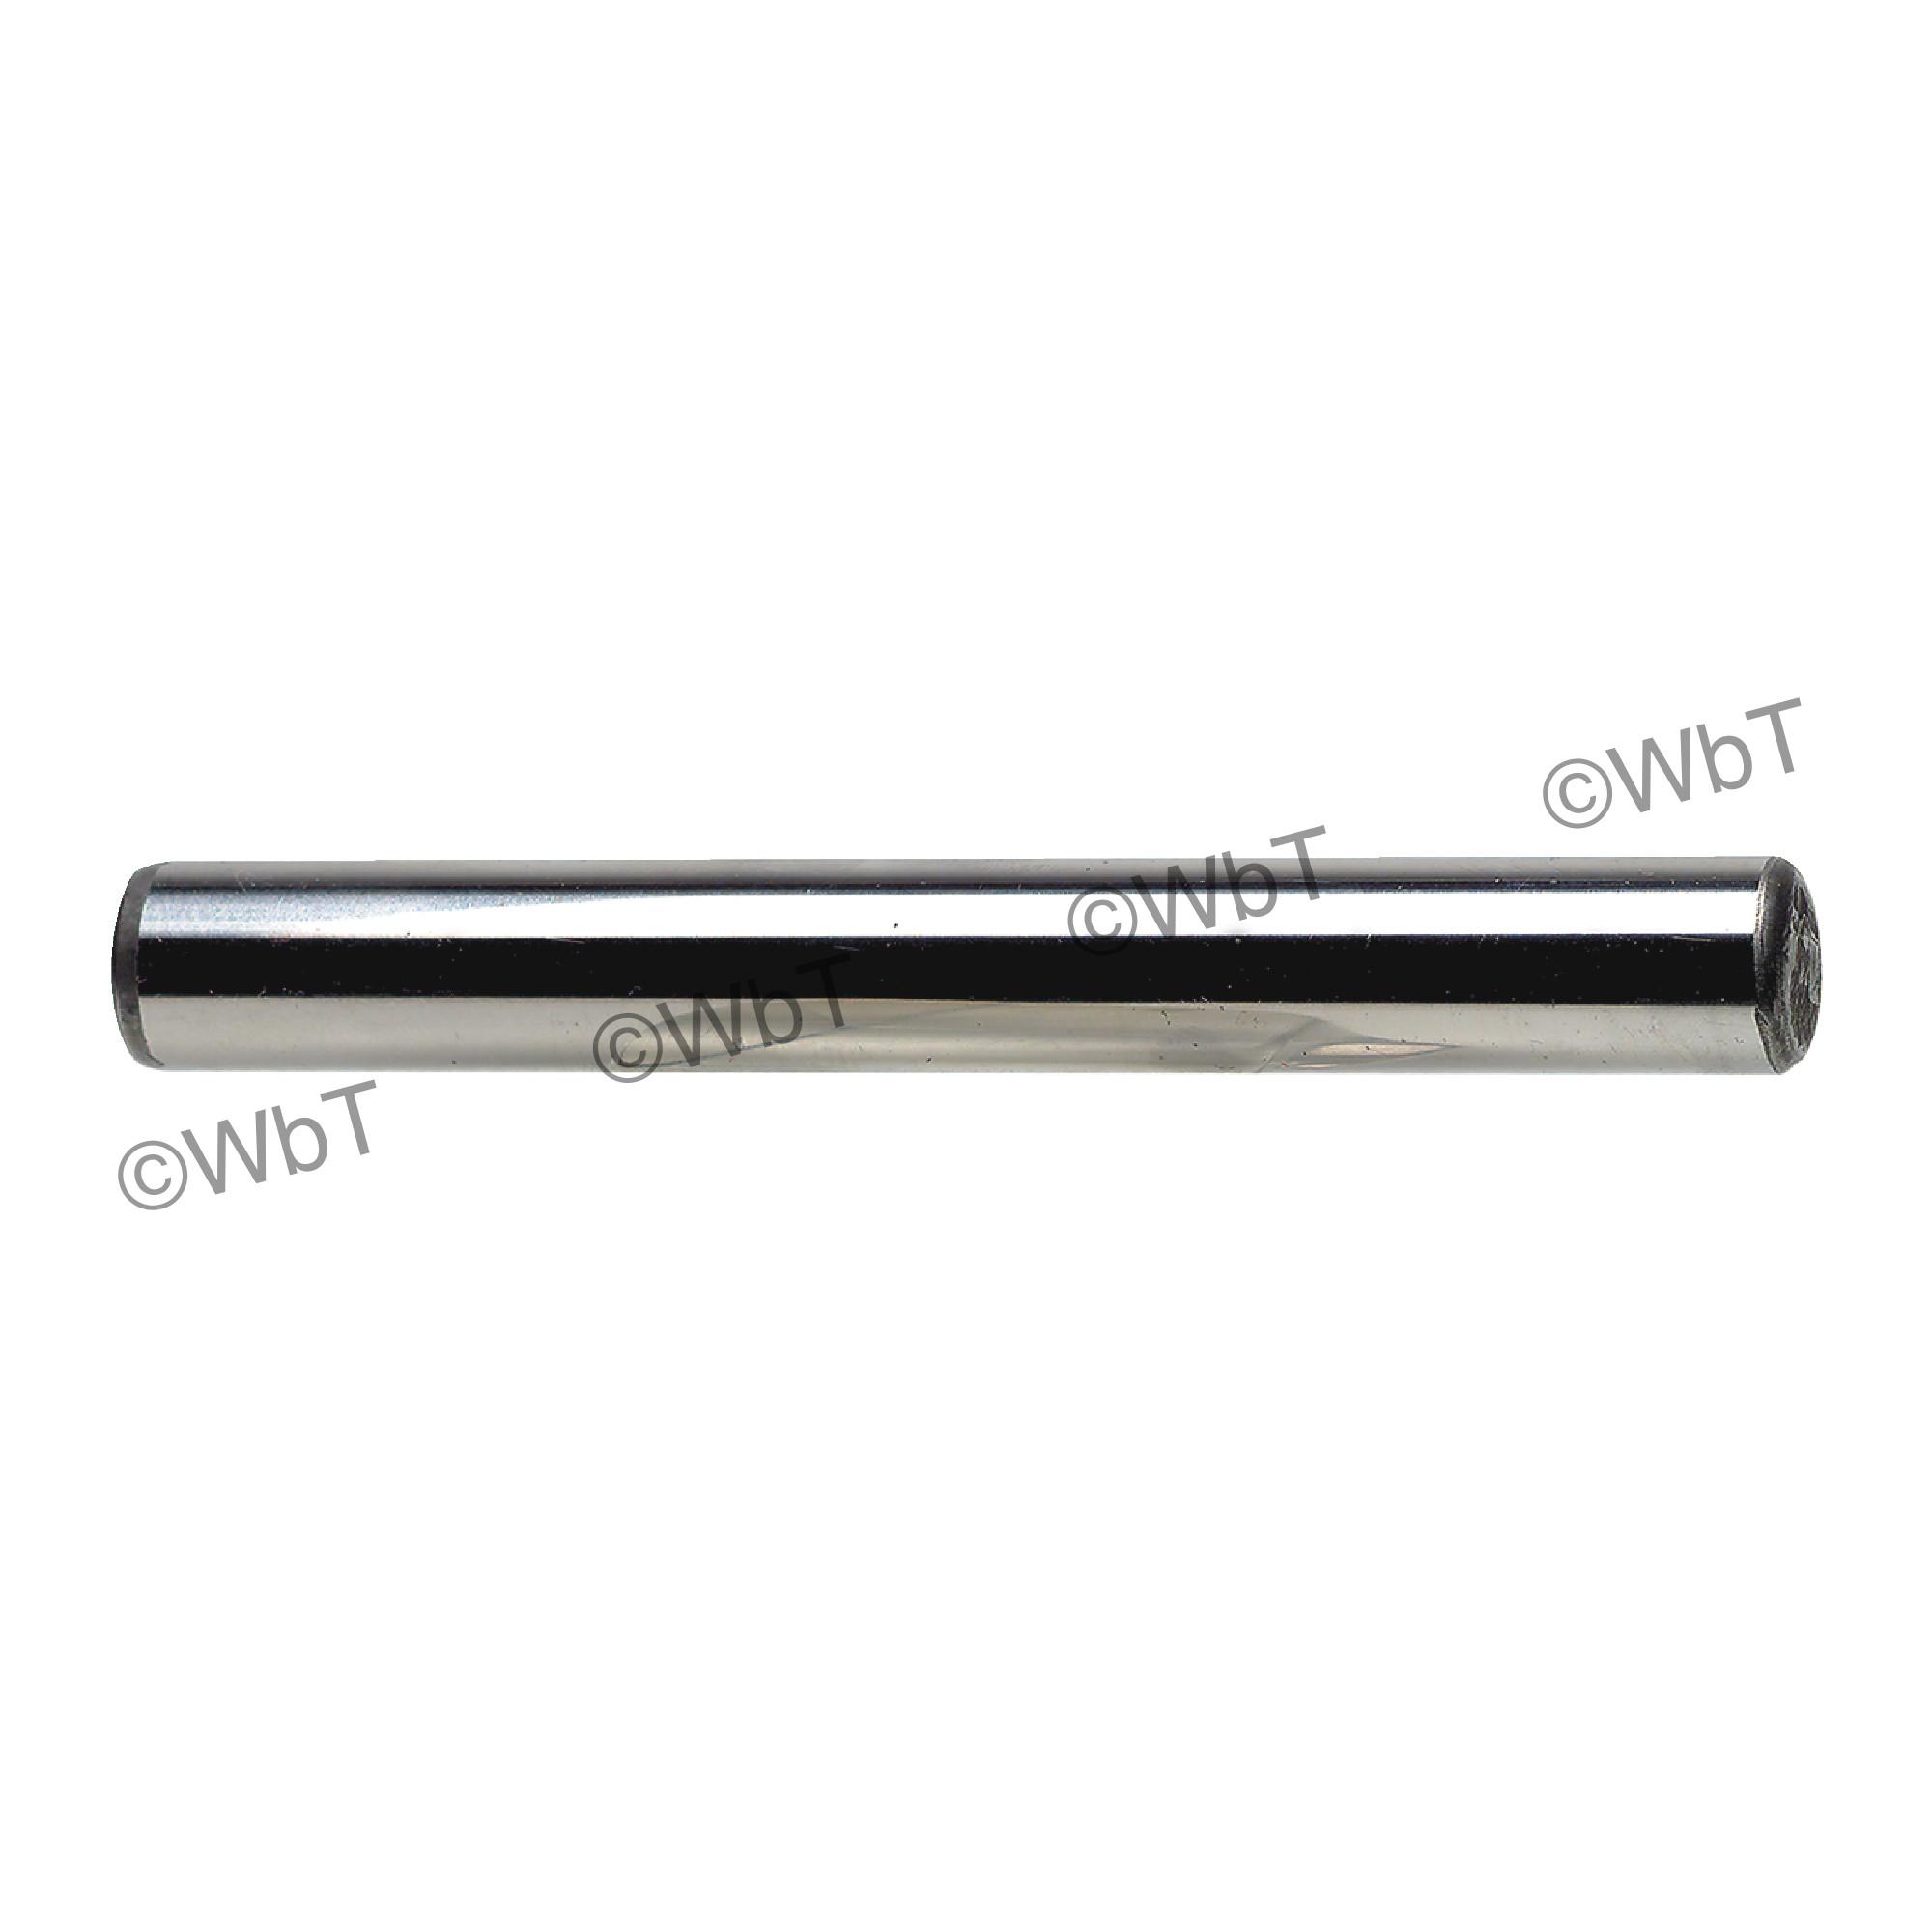 Metric Precision Dowel Pin